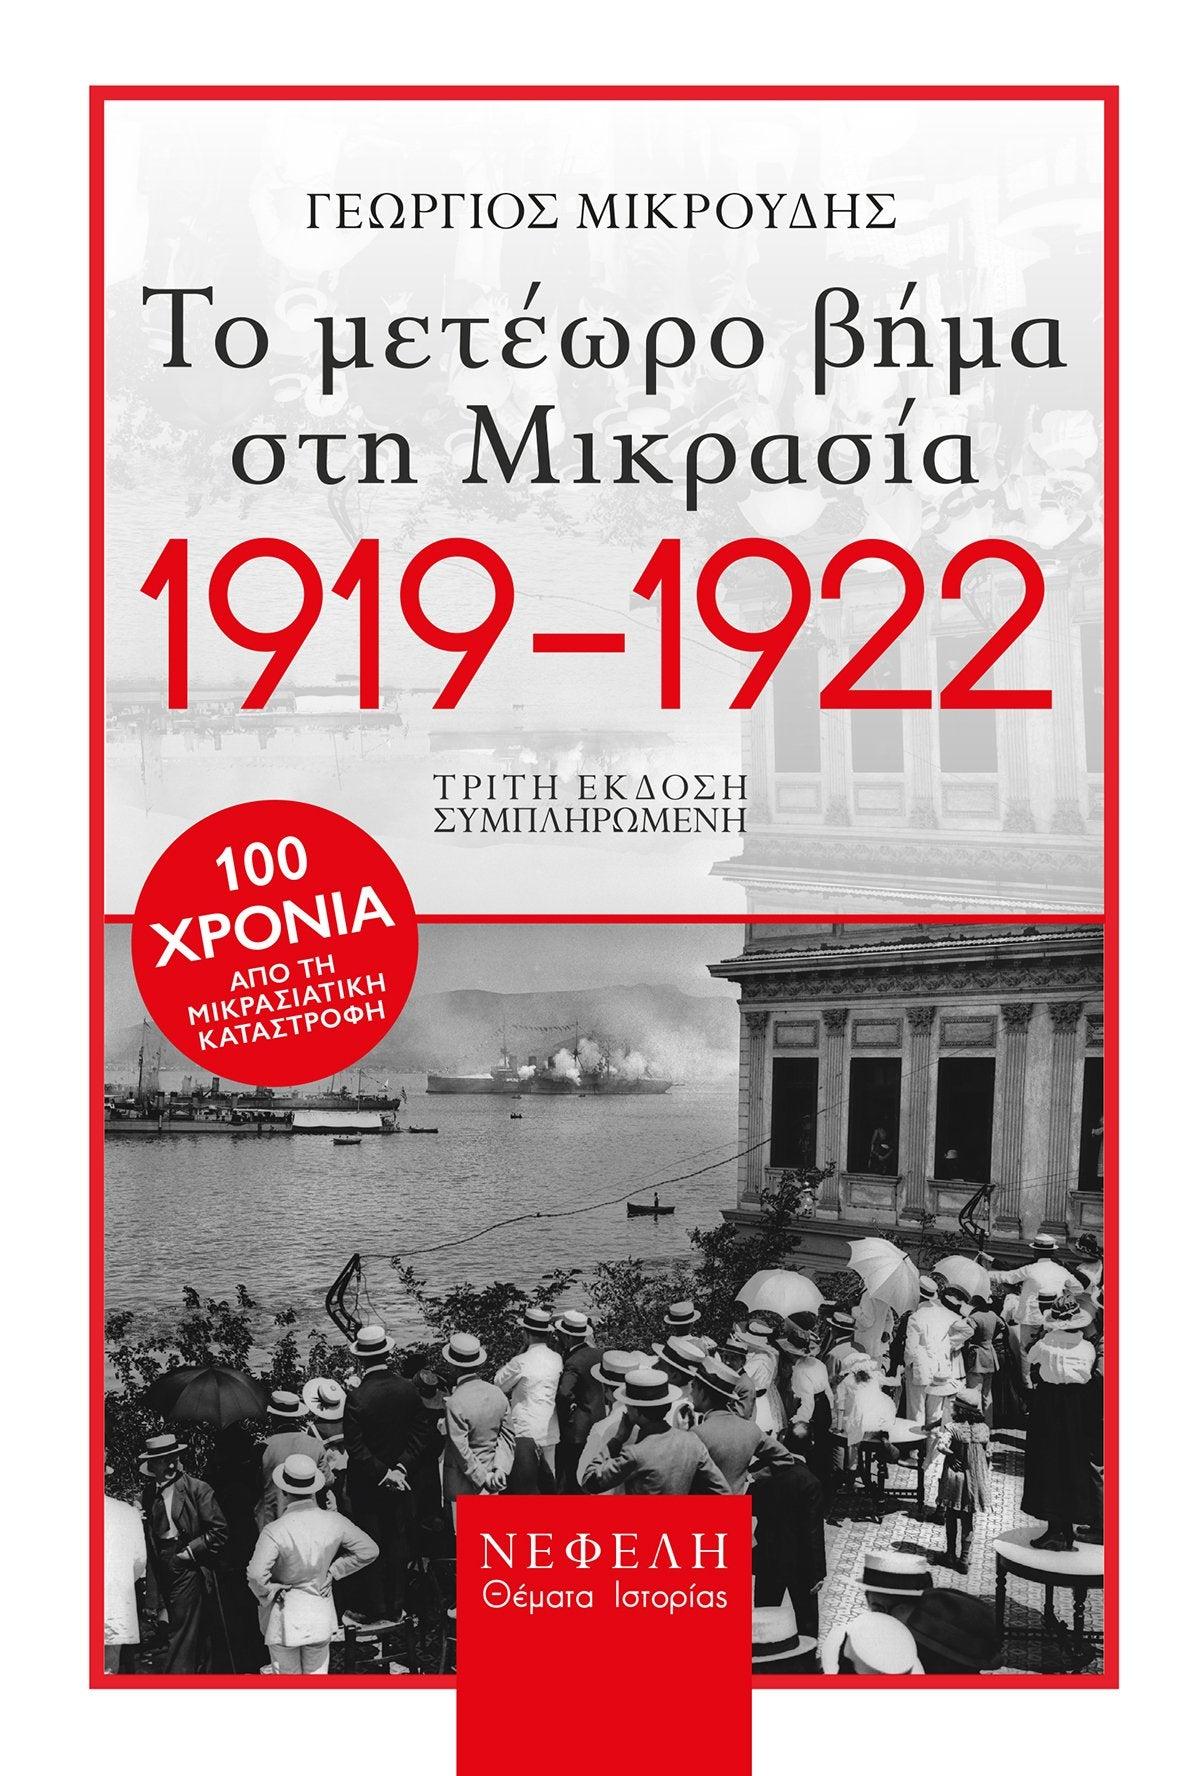 1919, Το μετέωρο βήμα στη Μικρασία